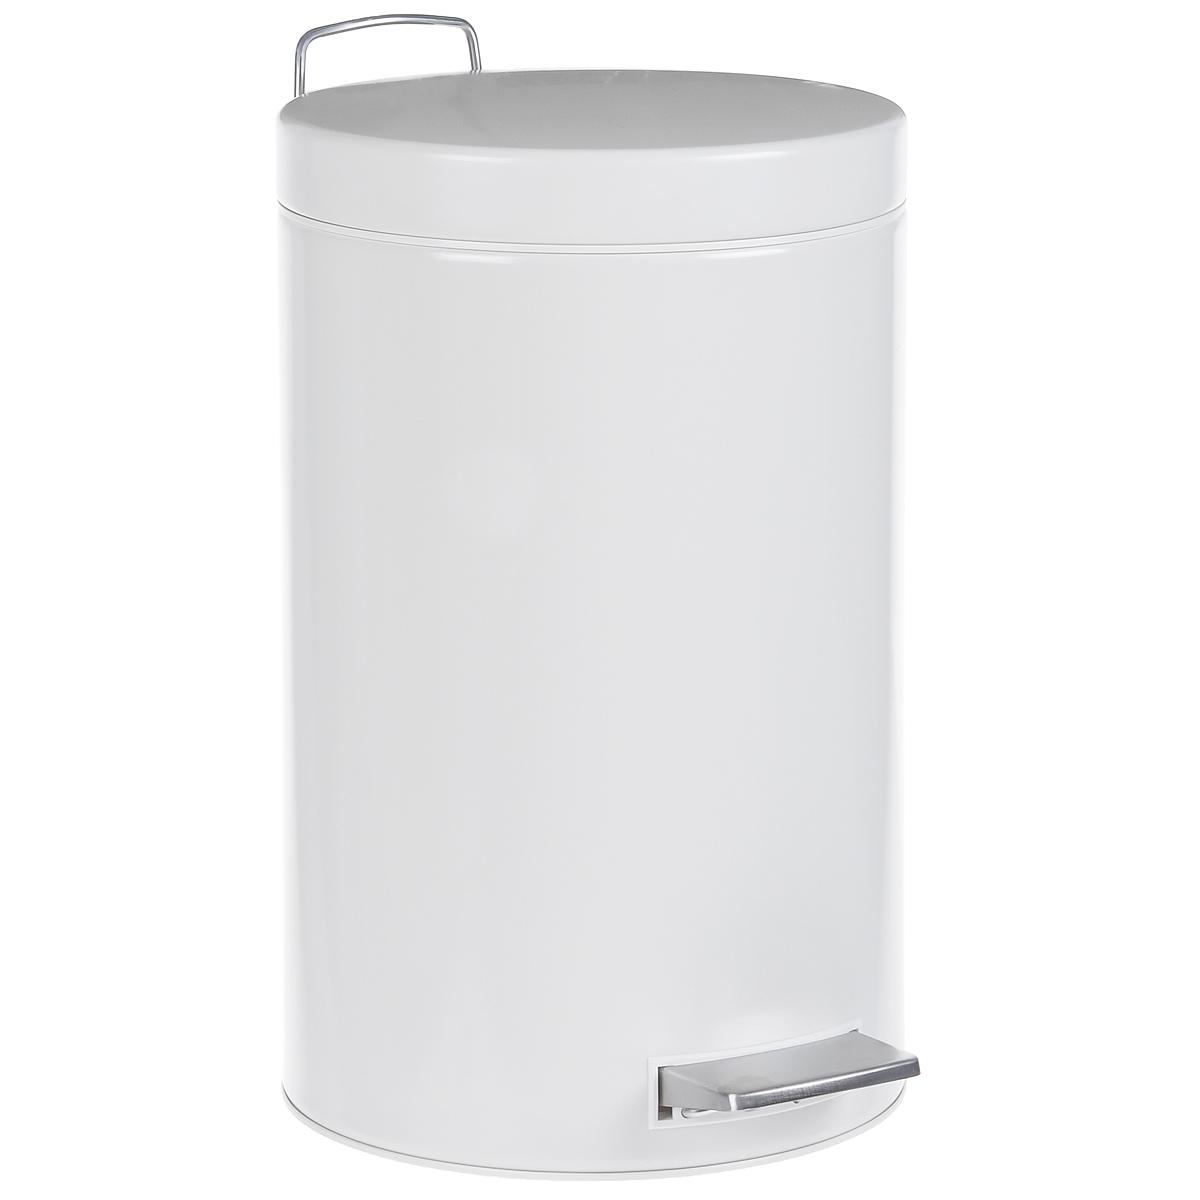 Ведро для мусора Brabantia, с педалью, цвет: белый, 12 л. 214660531-402Ведро для мусора Brabantia, выполненное из стали, обеспечит долгий срок службы и легкую чистку. Ведро оснащено педалью из нержавеющей стали, с помощью которой можно открывать крышку. Пластиковая основа ведра предотвращает повреждение пола. Резиновые ножки препятствуют скольжению. Внутренняя часть - пластиковое ведерко с металлической ручкой, которое легко можно вынуть. В комплект входят пакеты для ведра.Ведро Brabantia поможет вам держать мусор в порядке и предотвратит распространение неприятного запаха. Диаметр ведра: 24 см.Высота ведра: 39,5 см.Объем: 12 л.